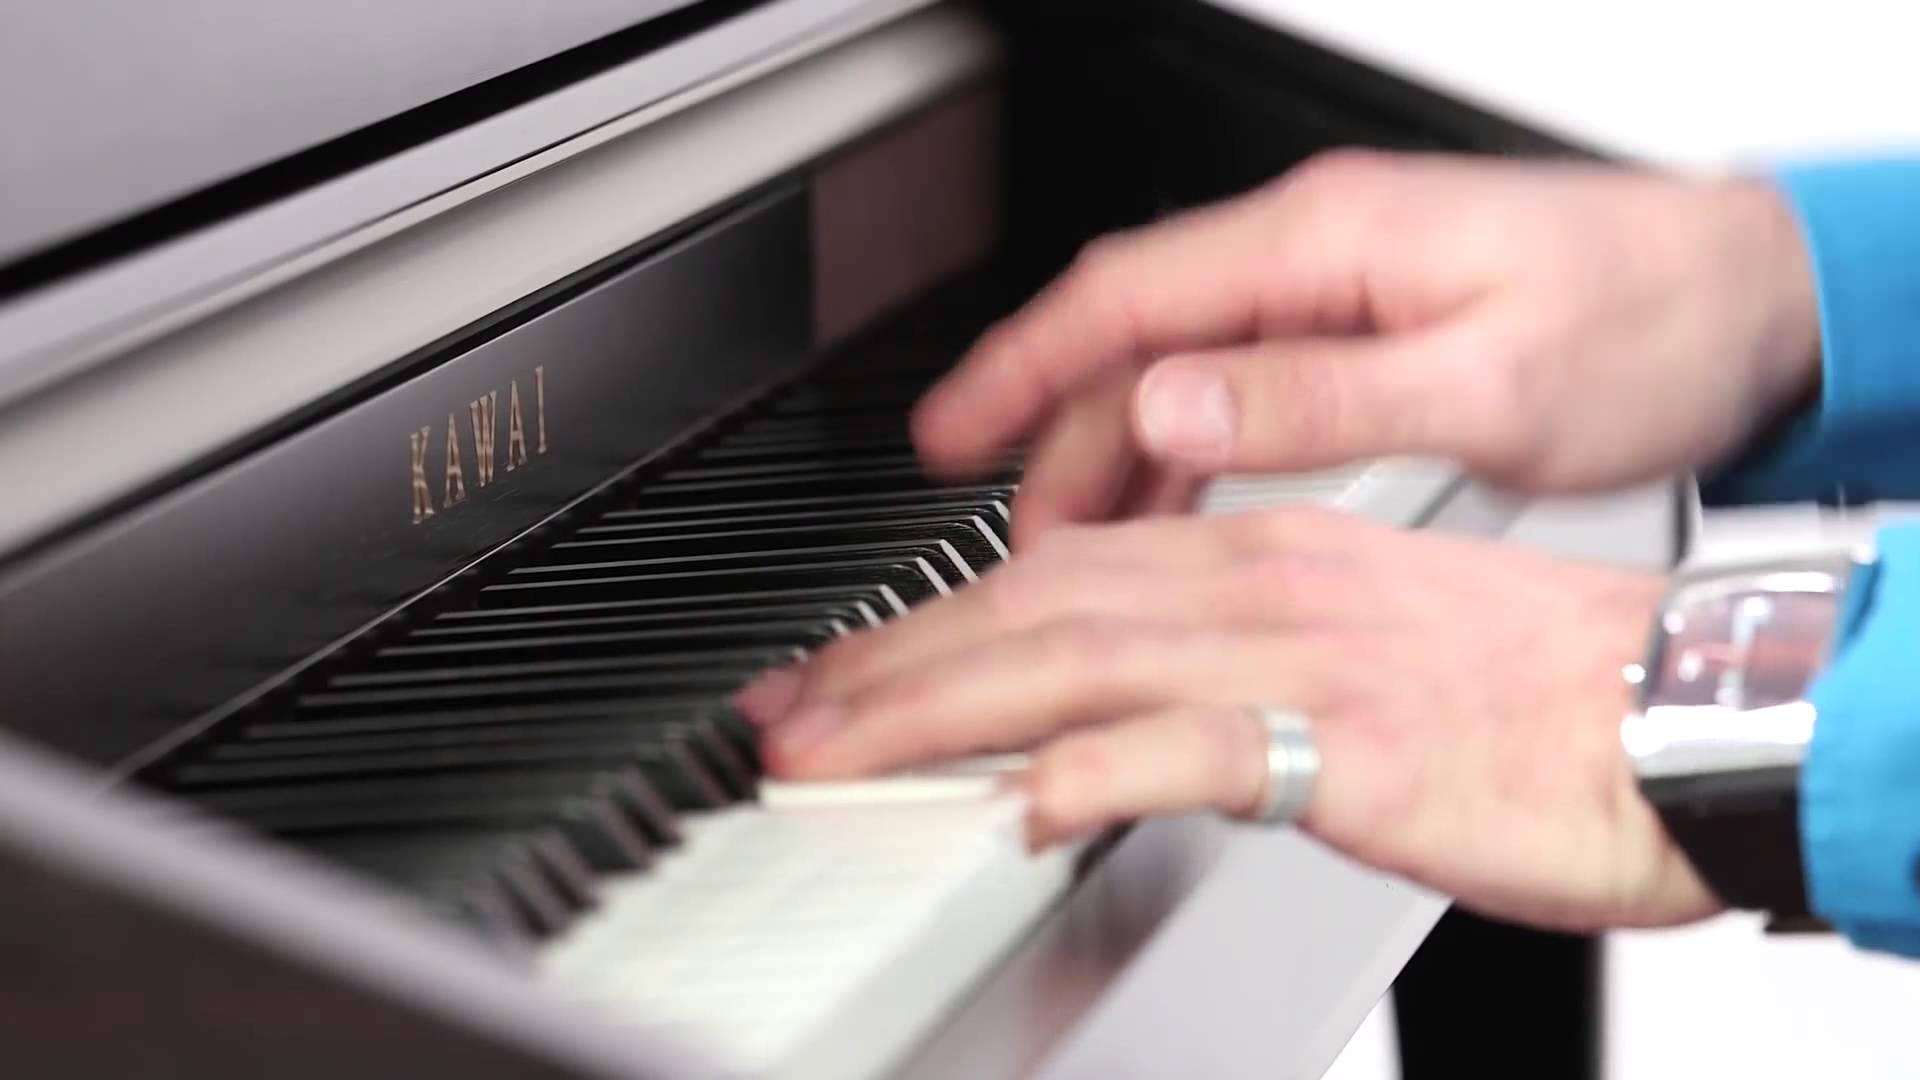 Các thương hiệu đàn PIANO nổi tiếng tại NHẬT BẢN - Kawai